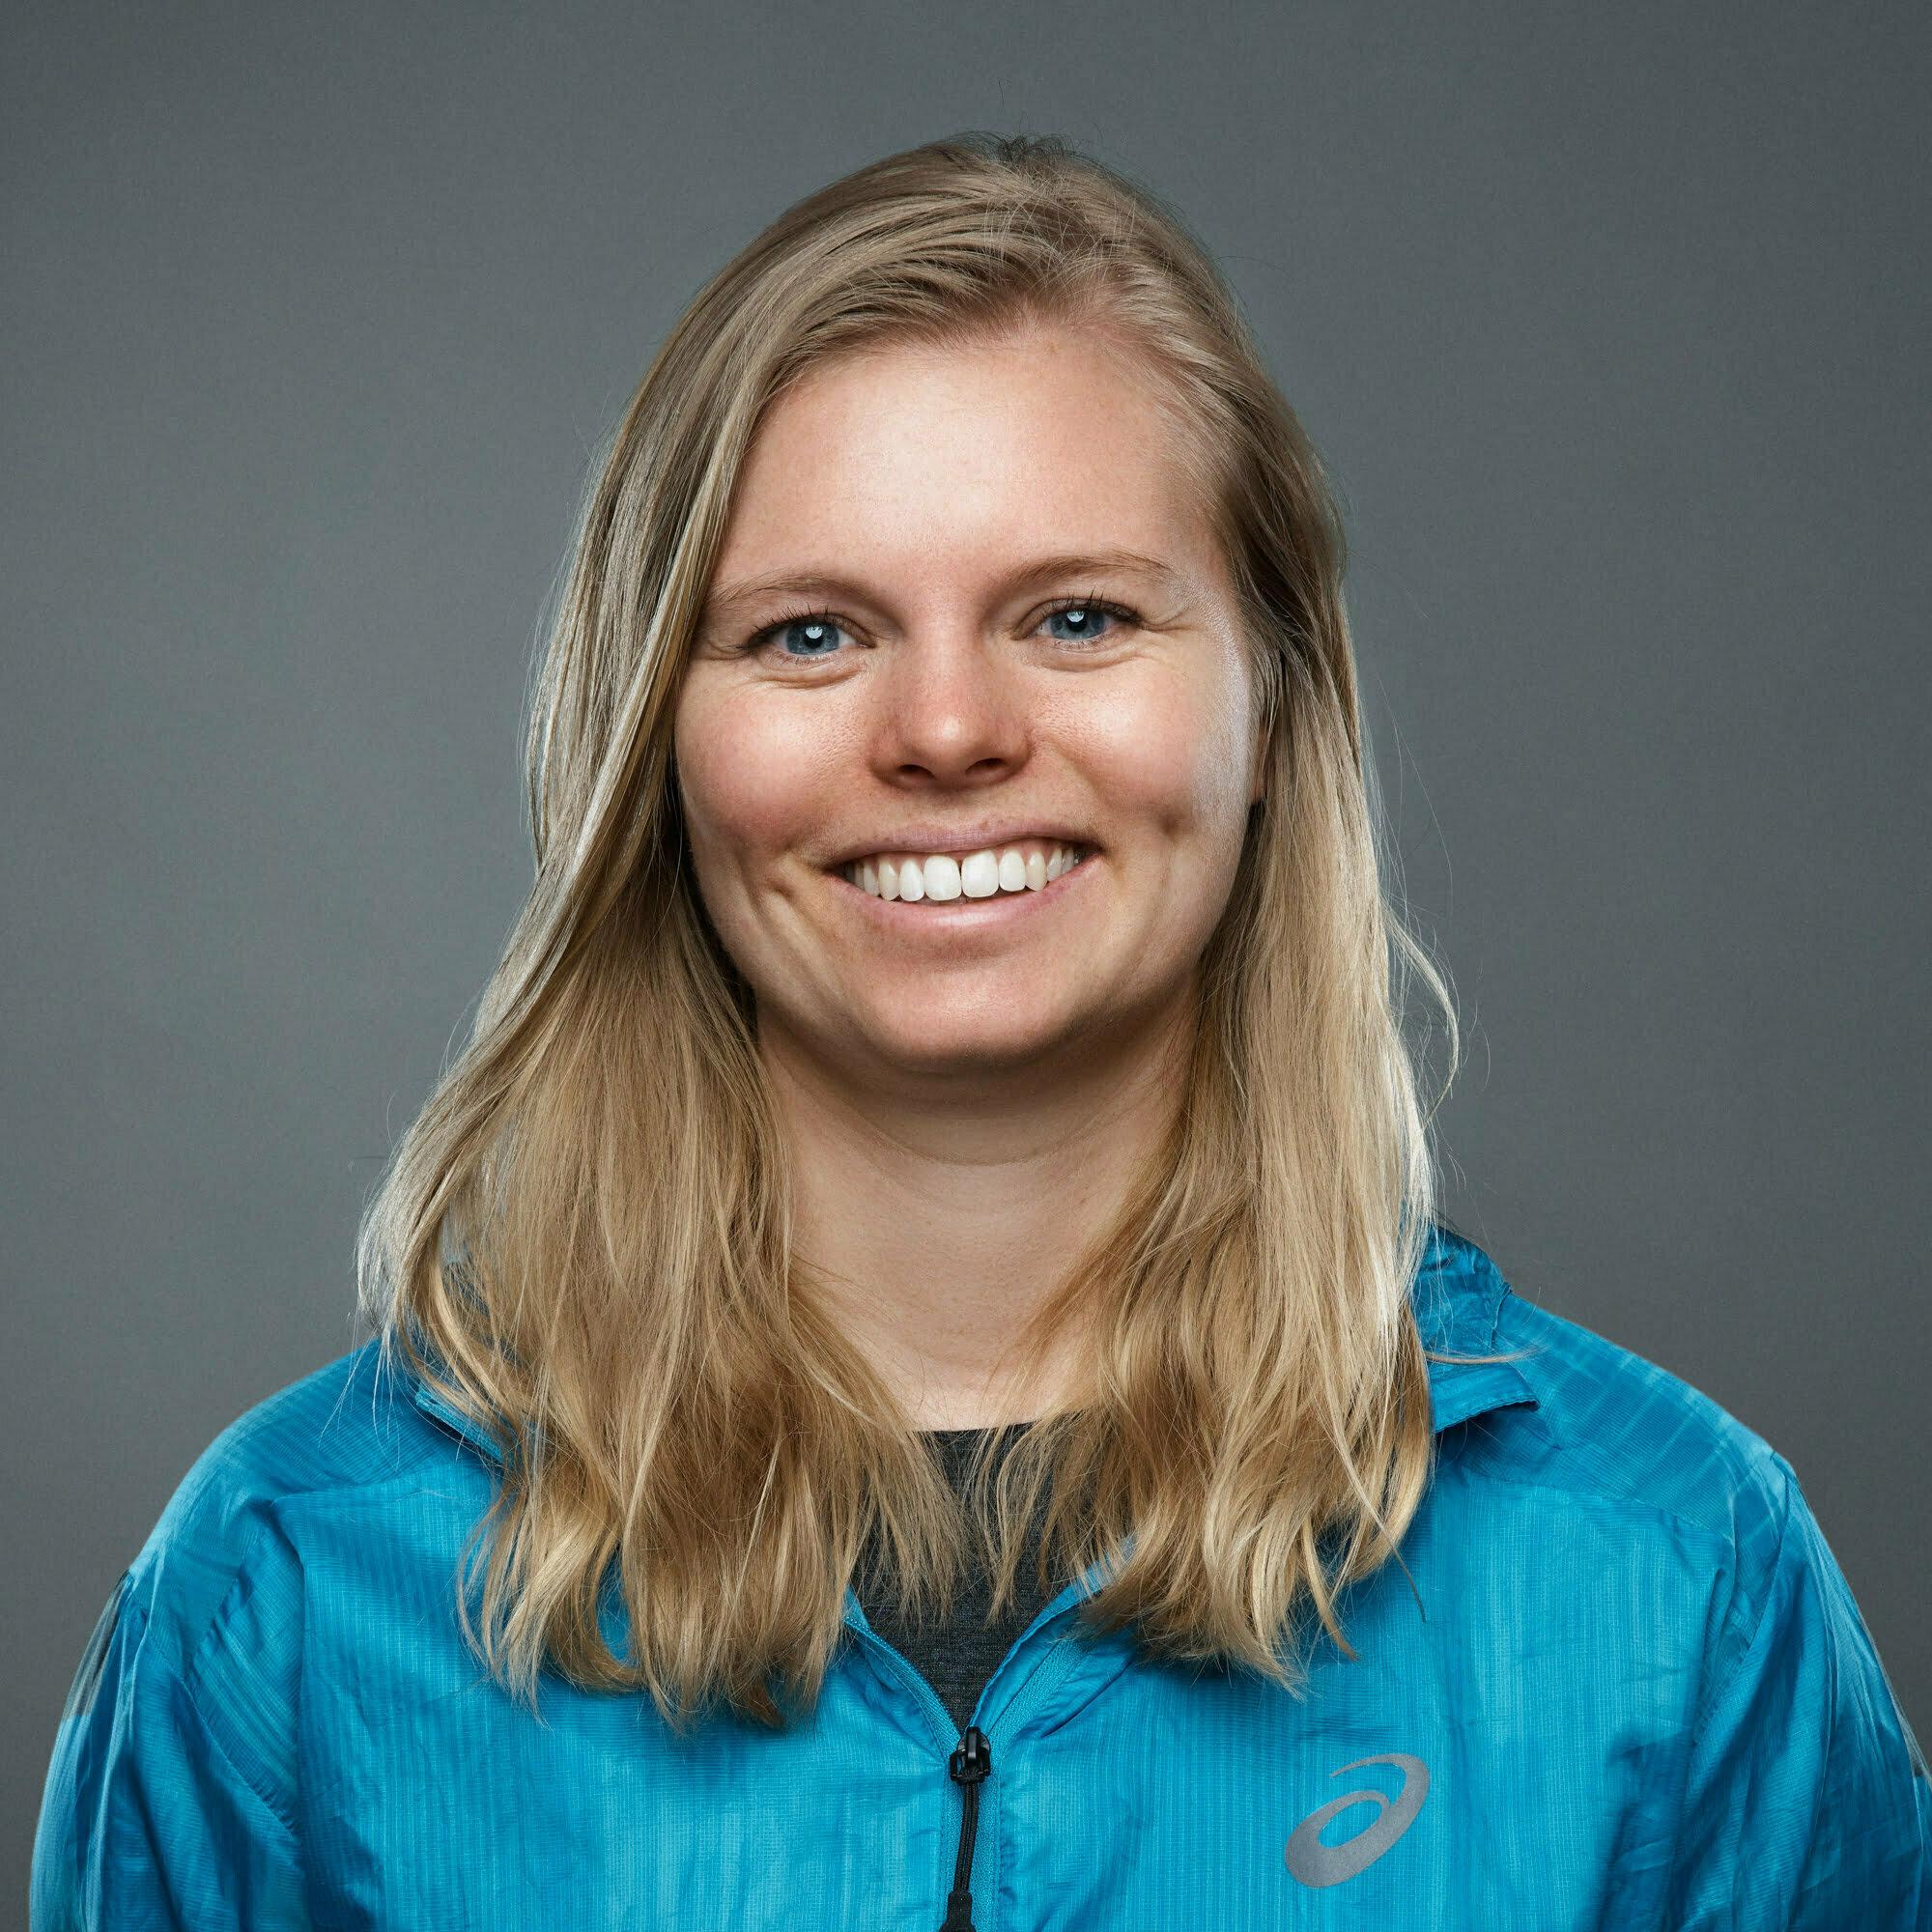 Emma Arvidsson